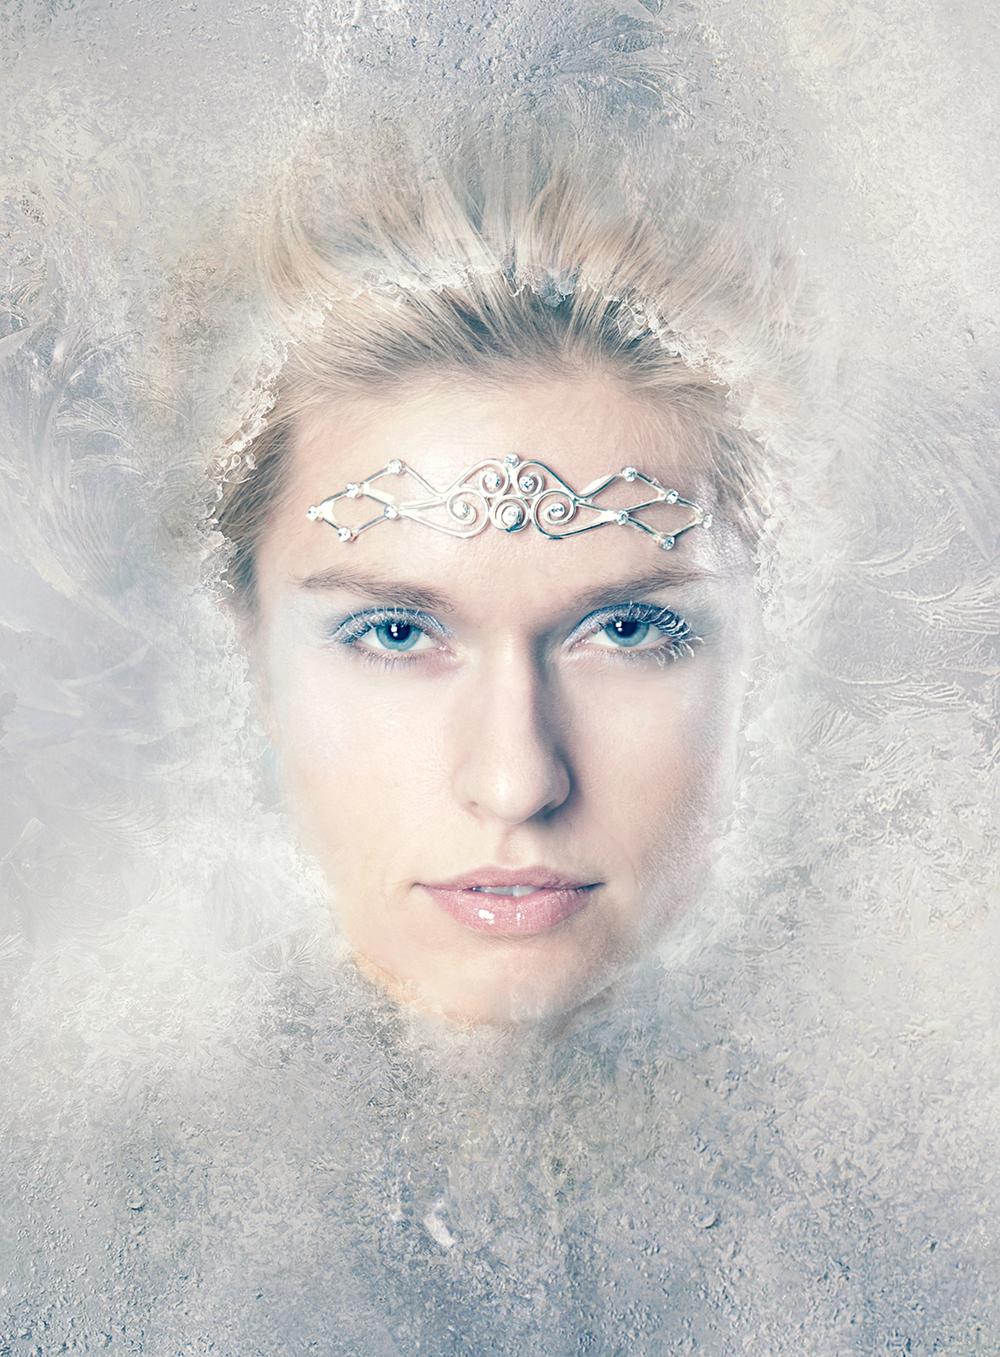 Frozen - portræt